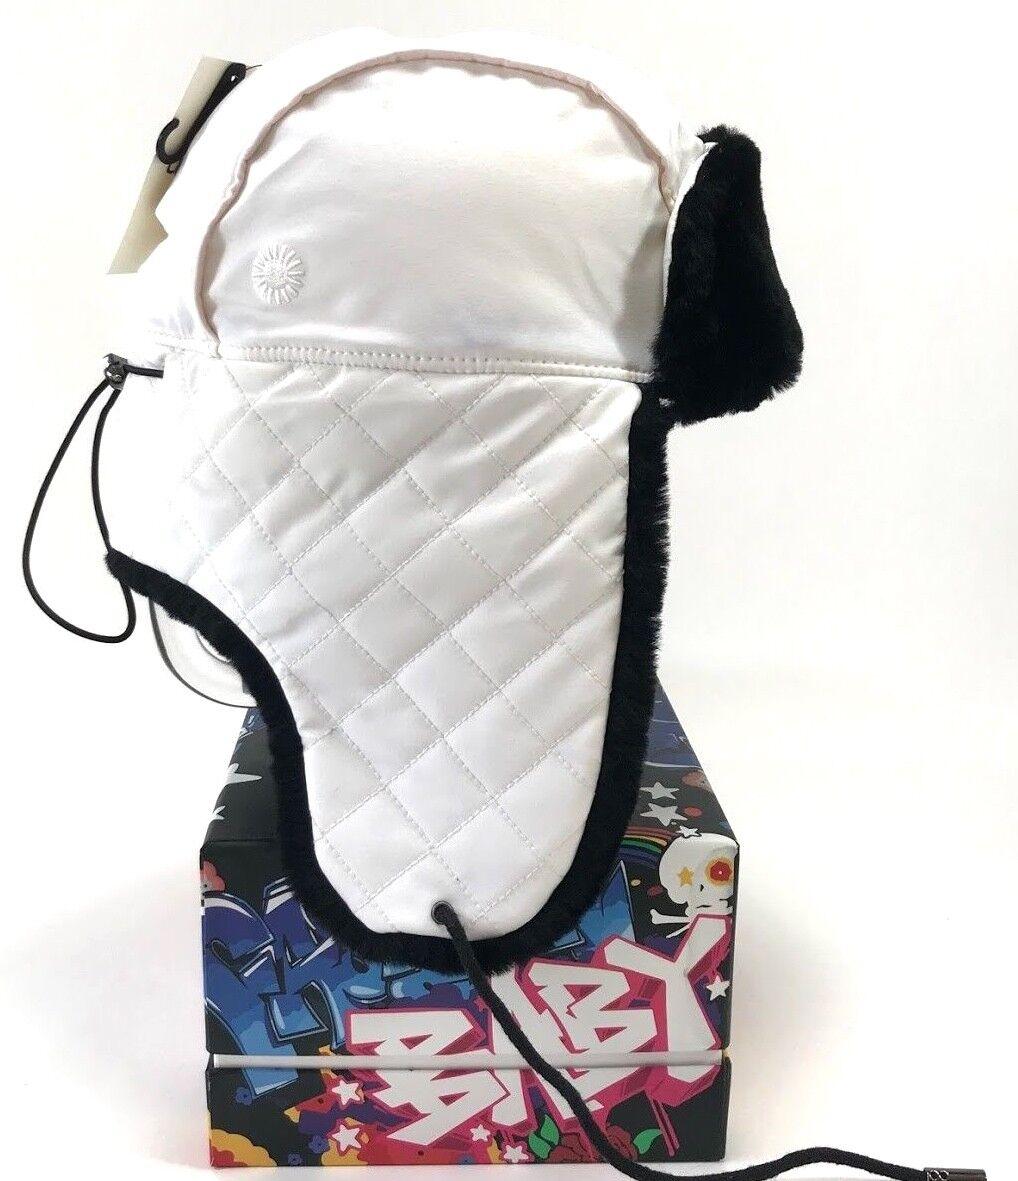 Ugg Australia Trappeur en nylon matelassé avec fourrure, chapeau d hiver blanc / noir pour femme